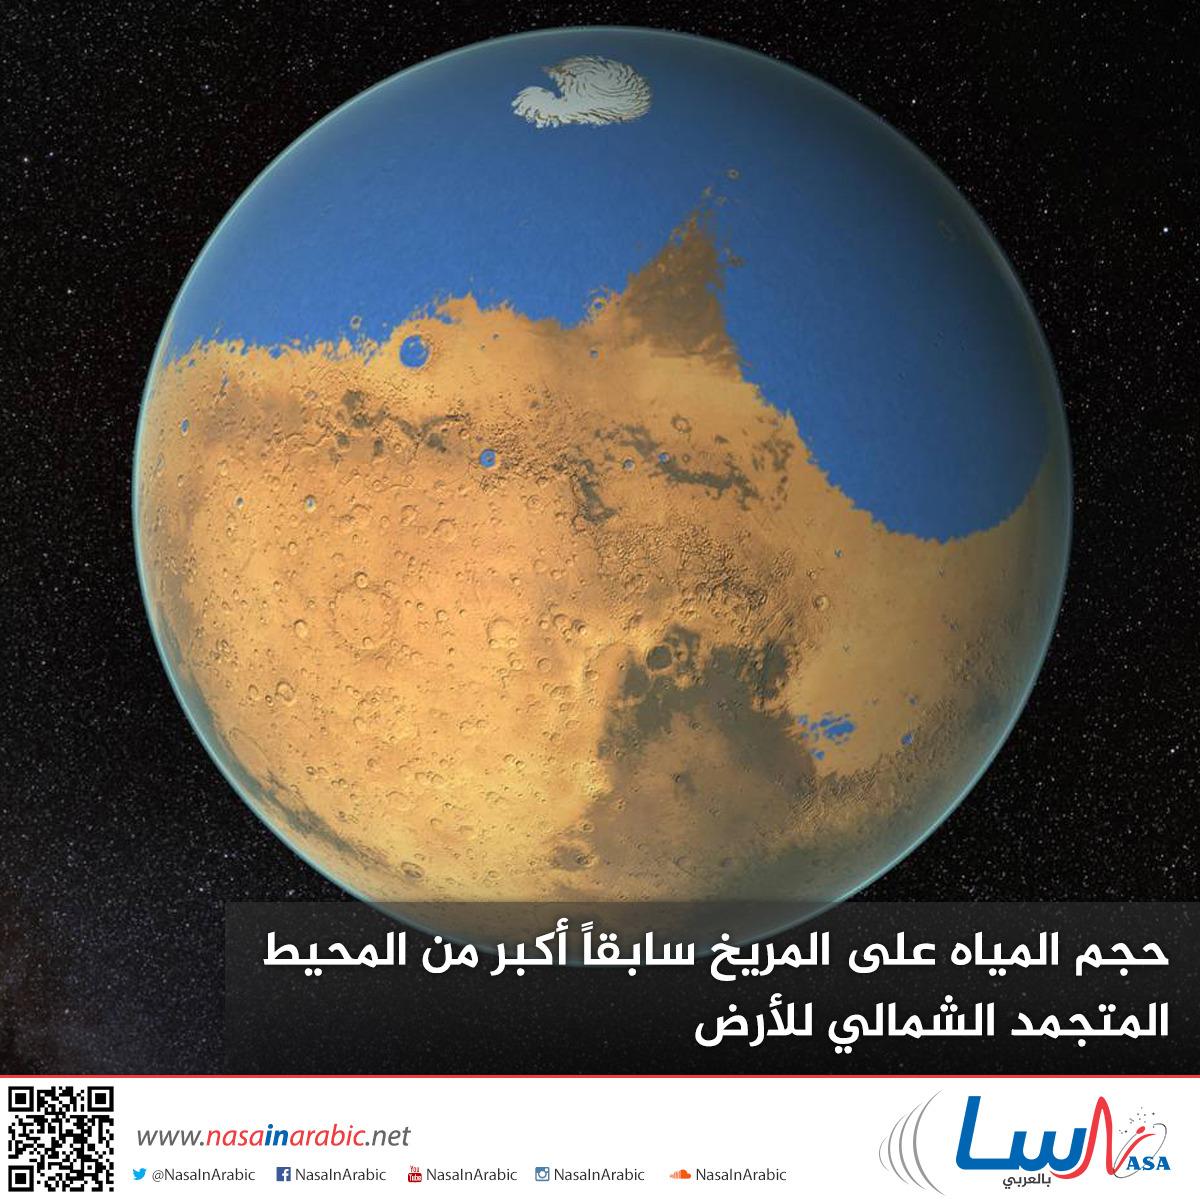 حجم المياه على المريخ سابقاً أكبر من المحيط المتجمد الشمالي للأرض